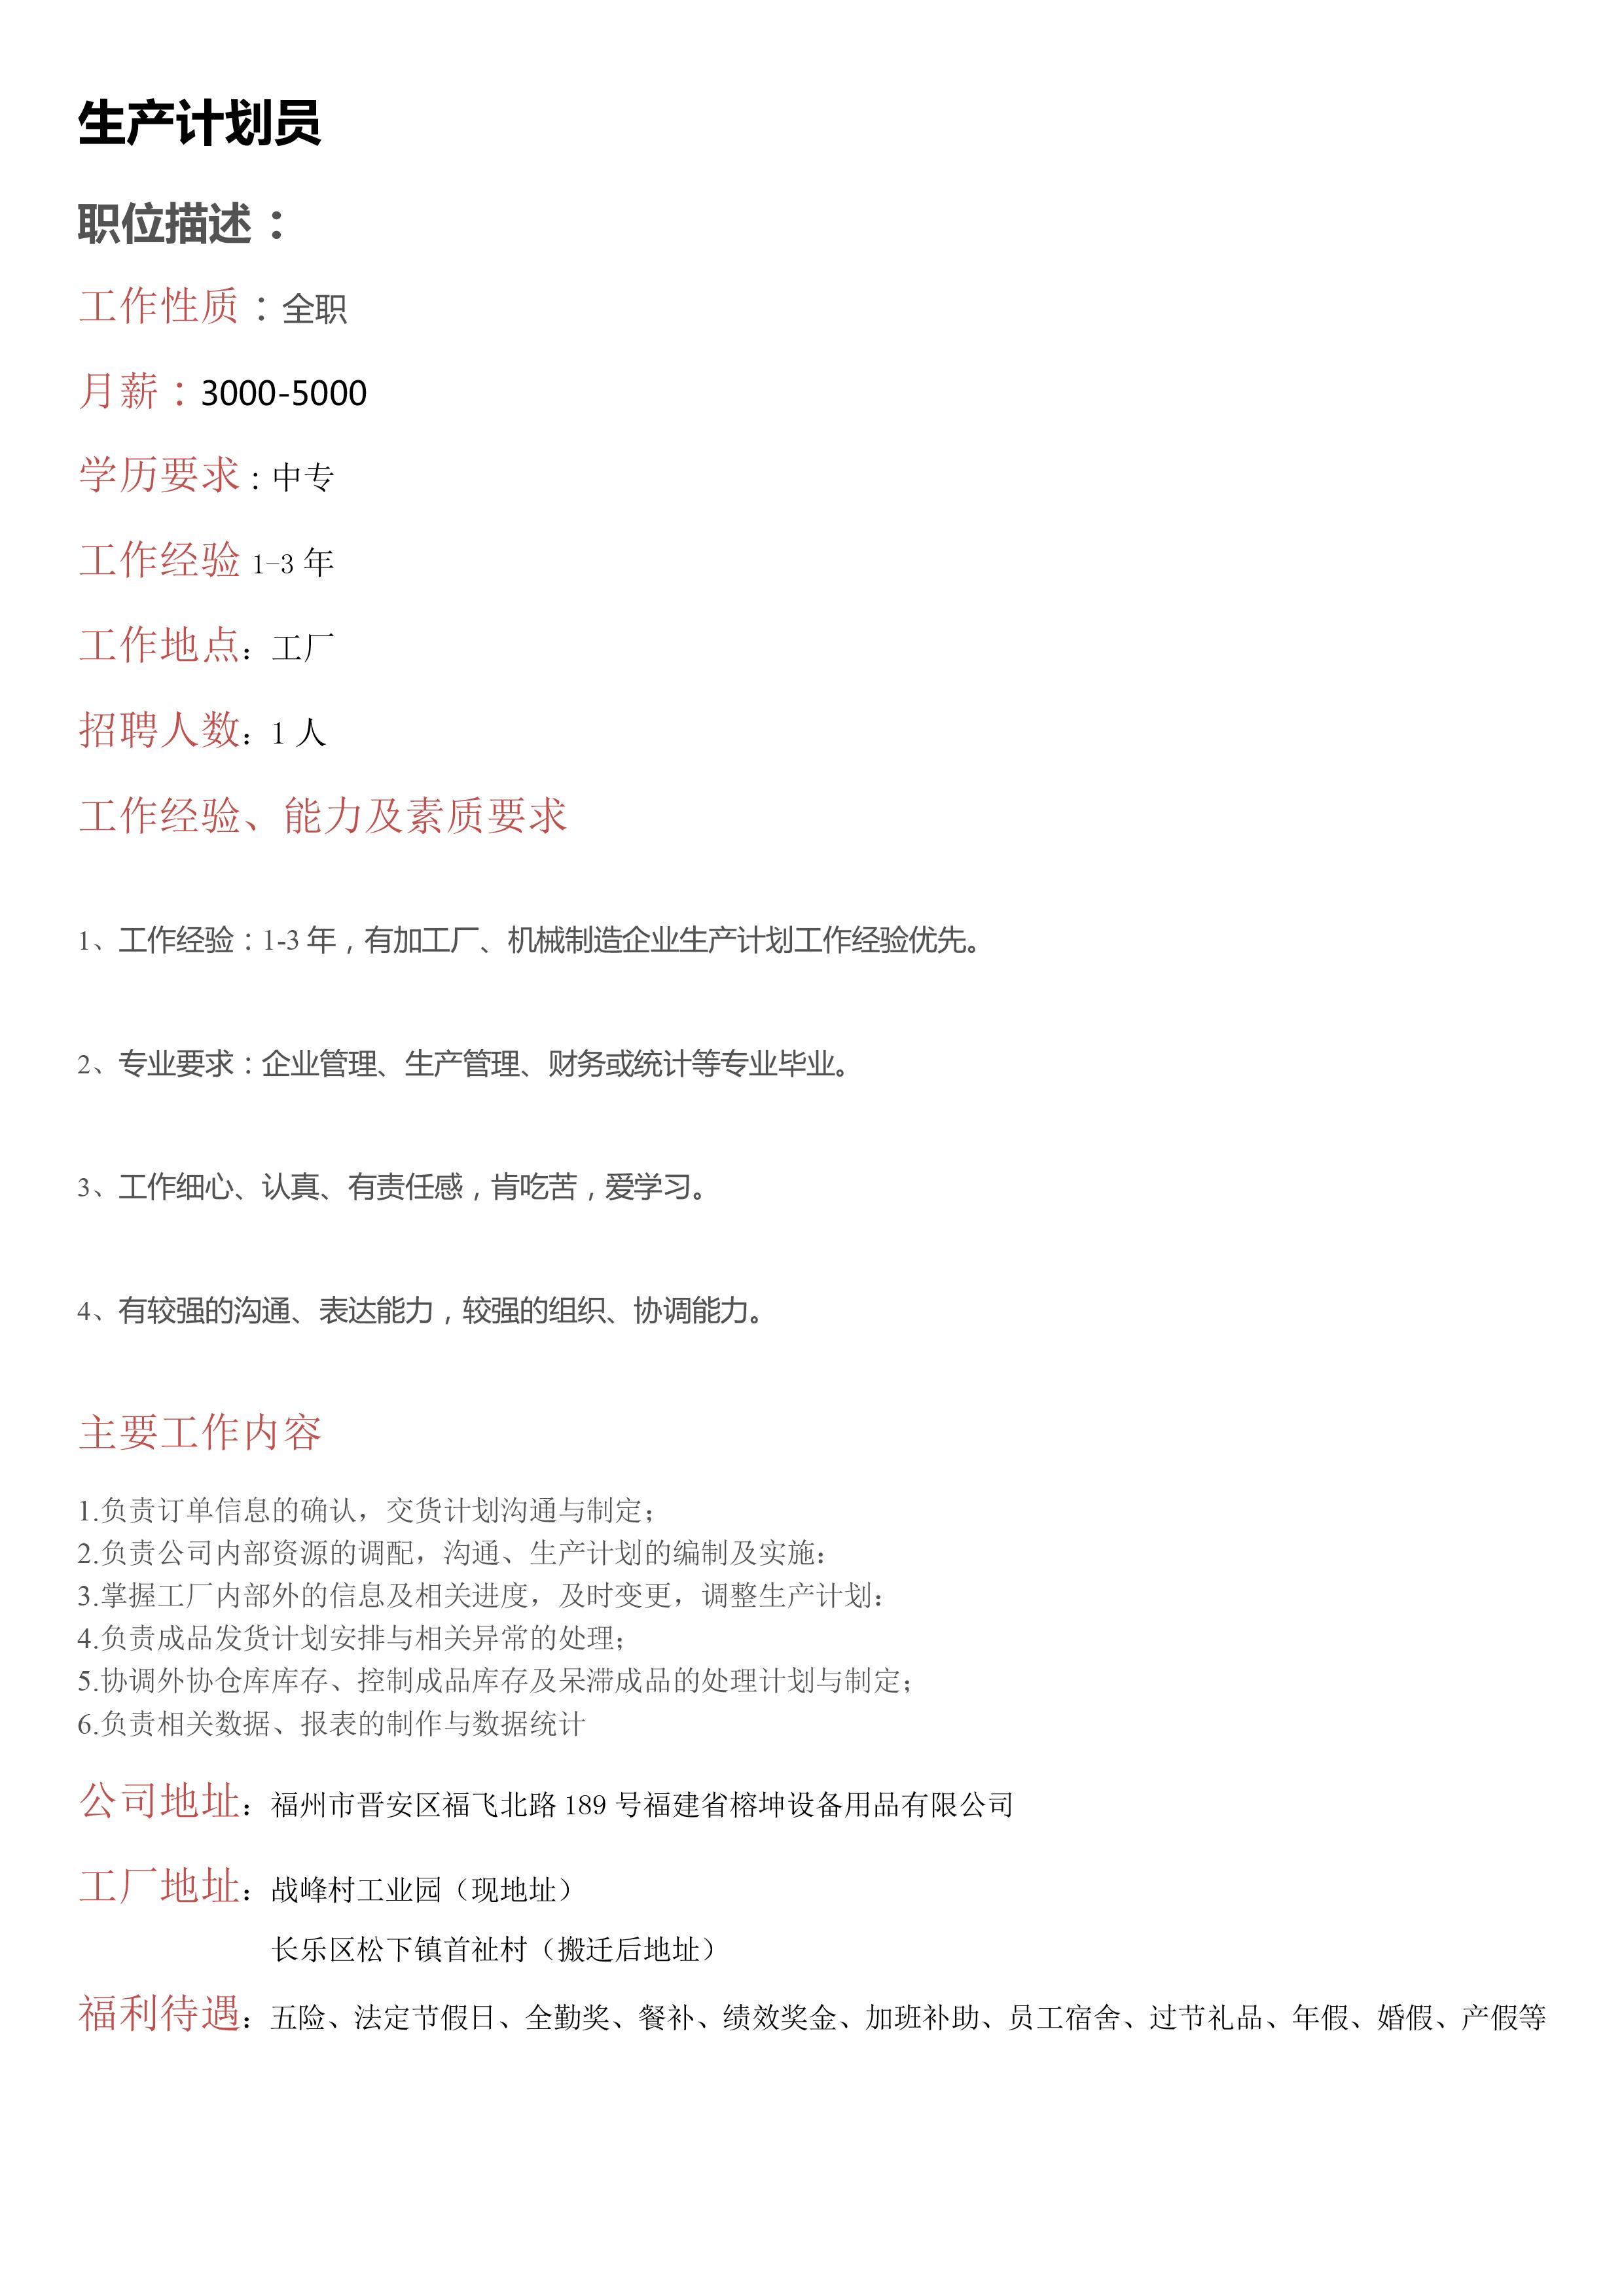 榕坤招聘岗位1-14 拷贝.jpg